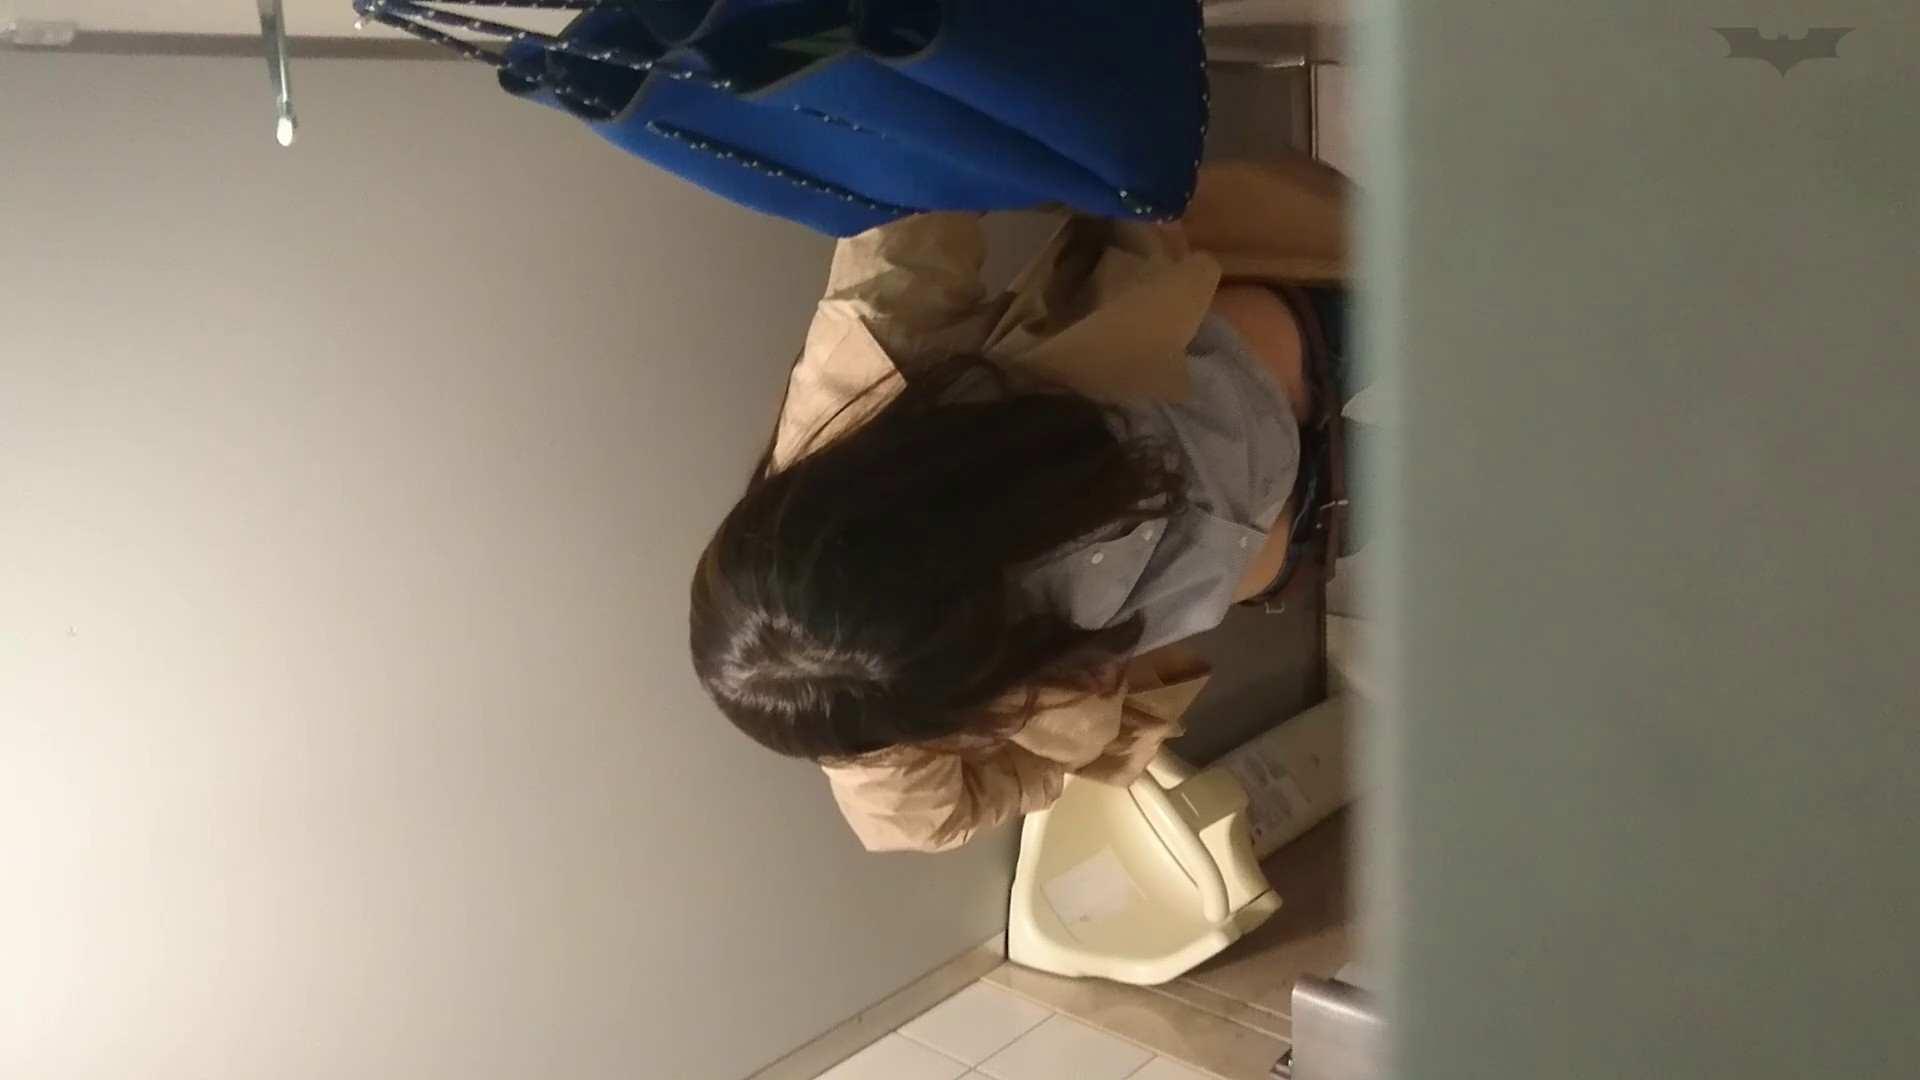 化粧室絵巻 ショッピングモール編 VOL.18 丸見え オマンコ無修正動画無料 108枚 12